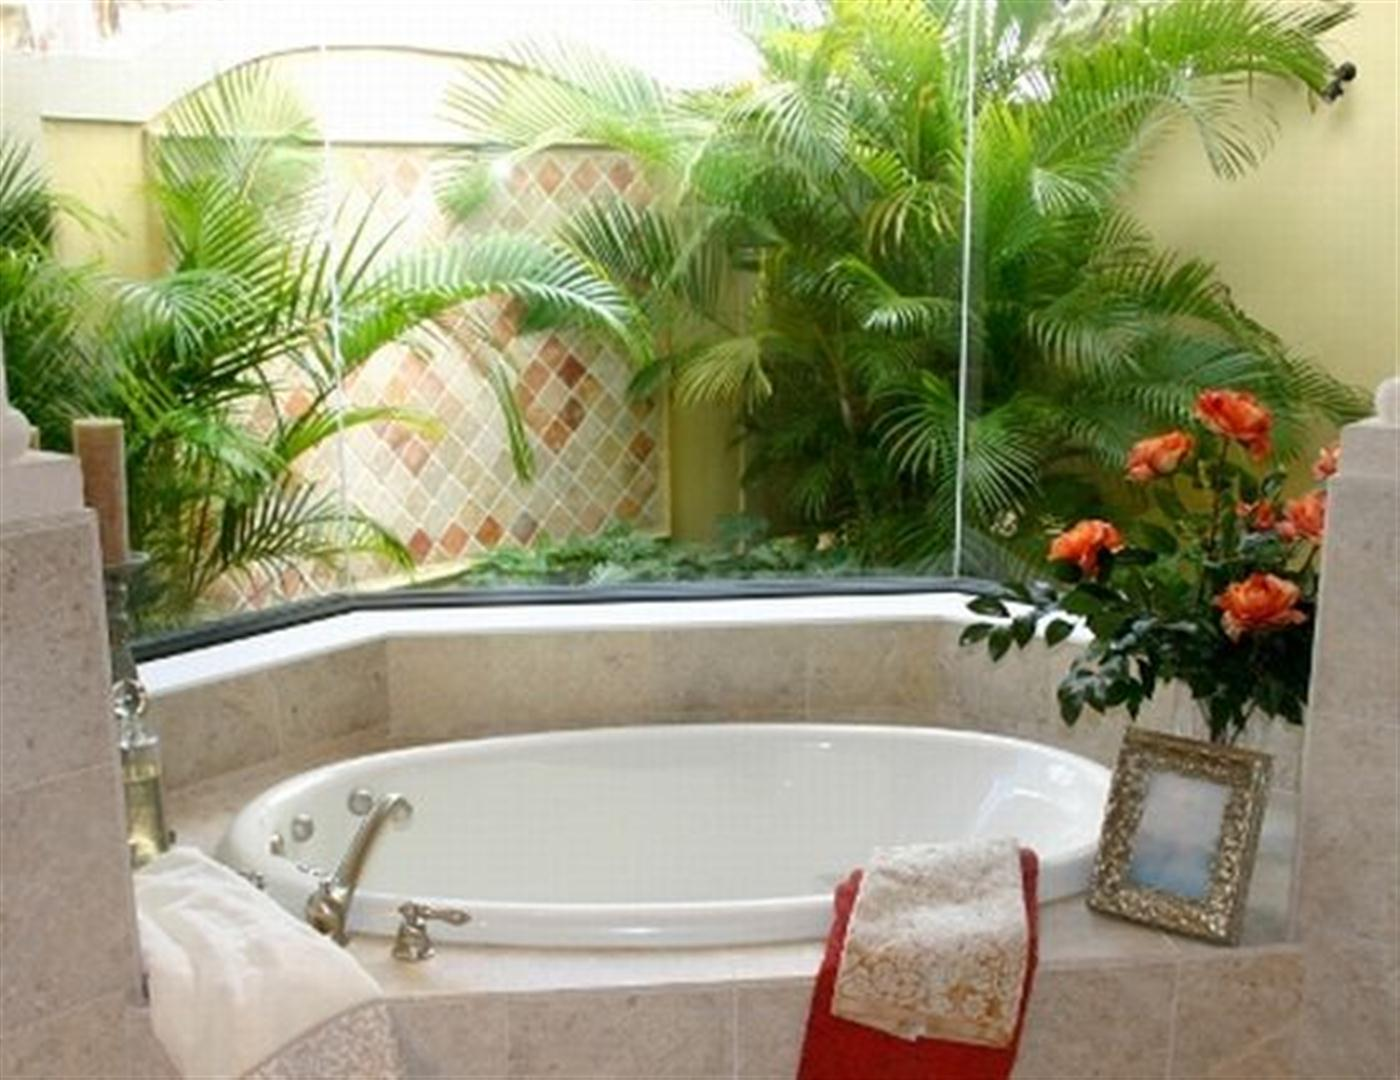 Decora o e projetos decora o de banheiros com plantas - Plantas decorativas interior ...